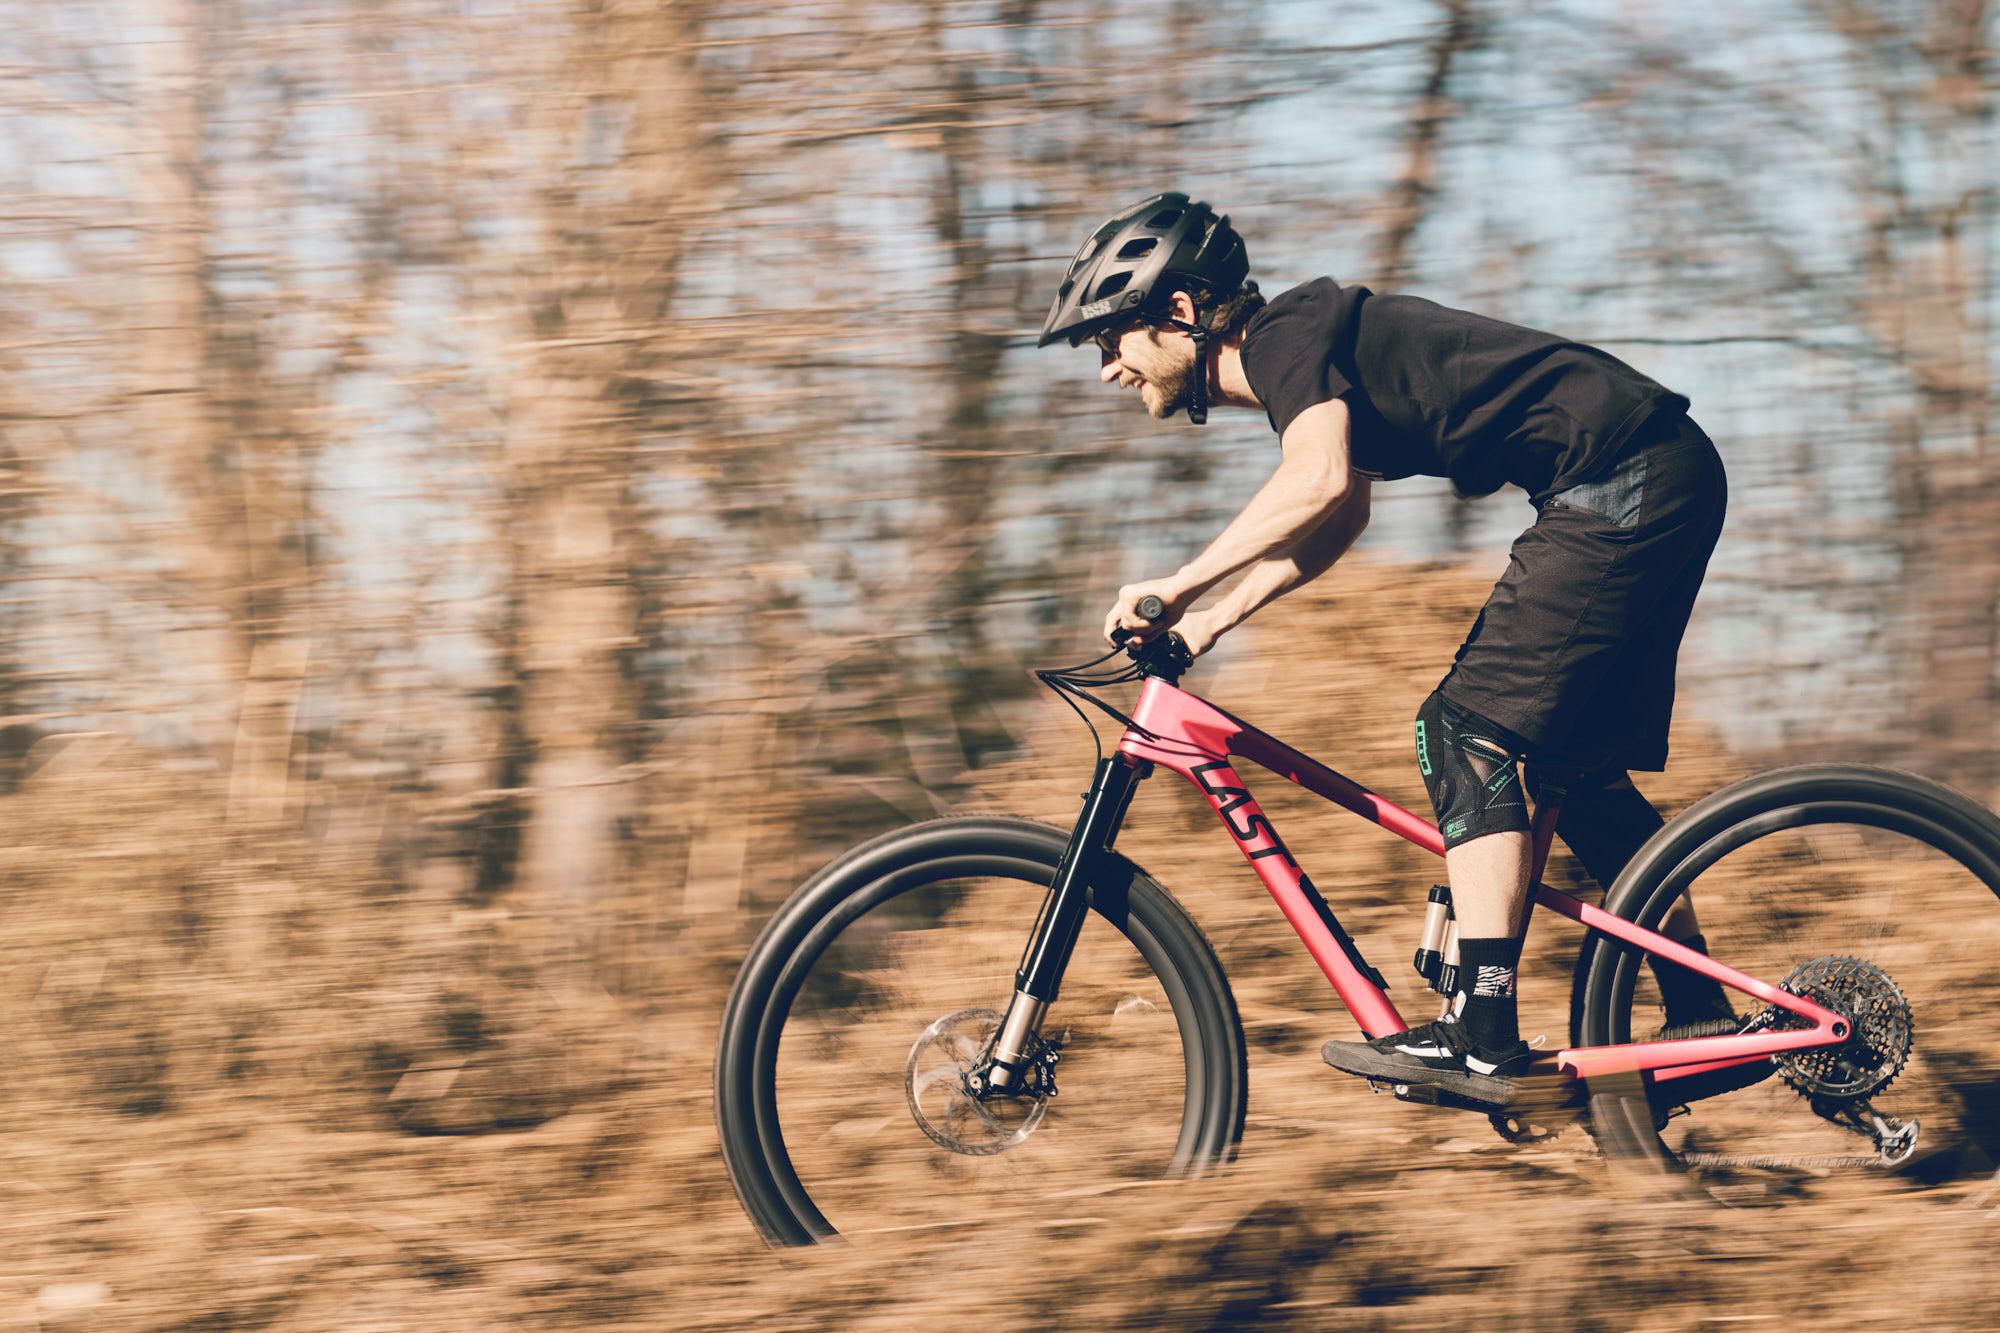 LAST CINTO Bernd Schachermeier 002 Cycleholix